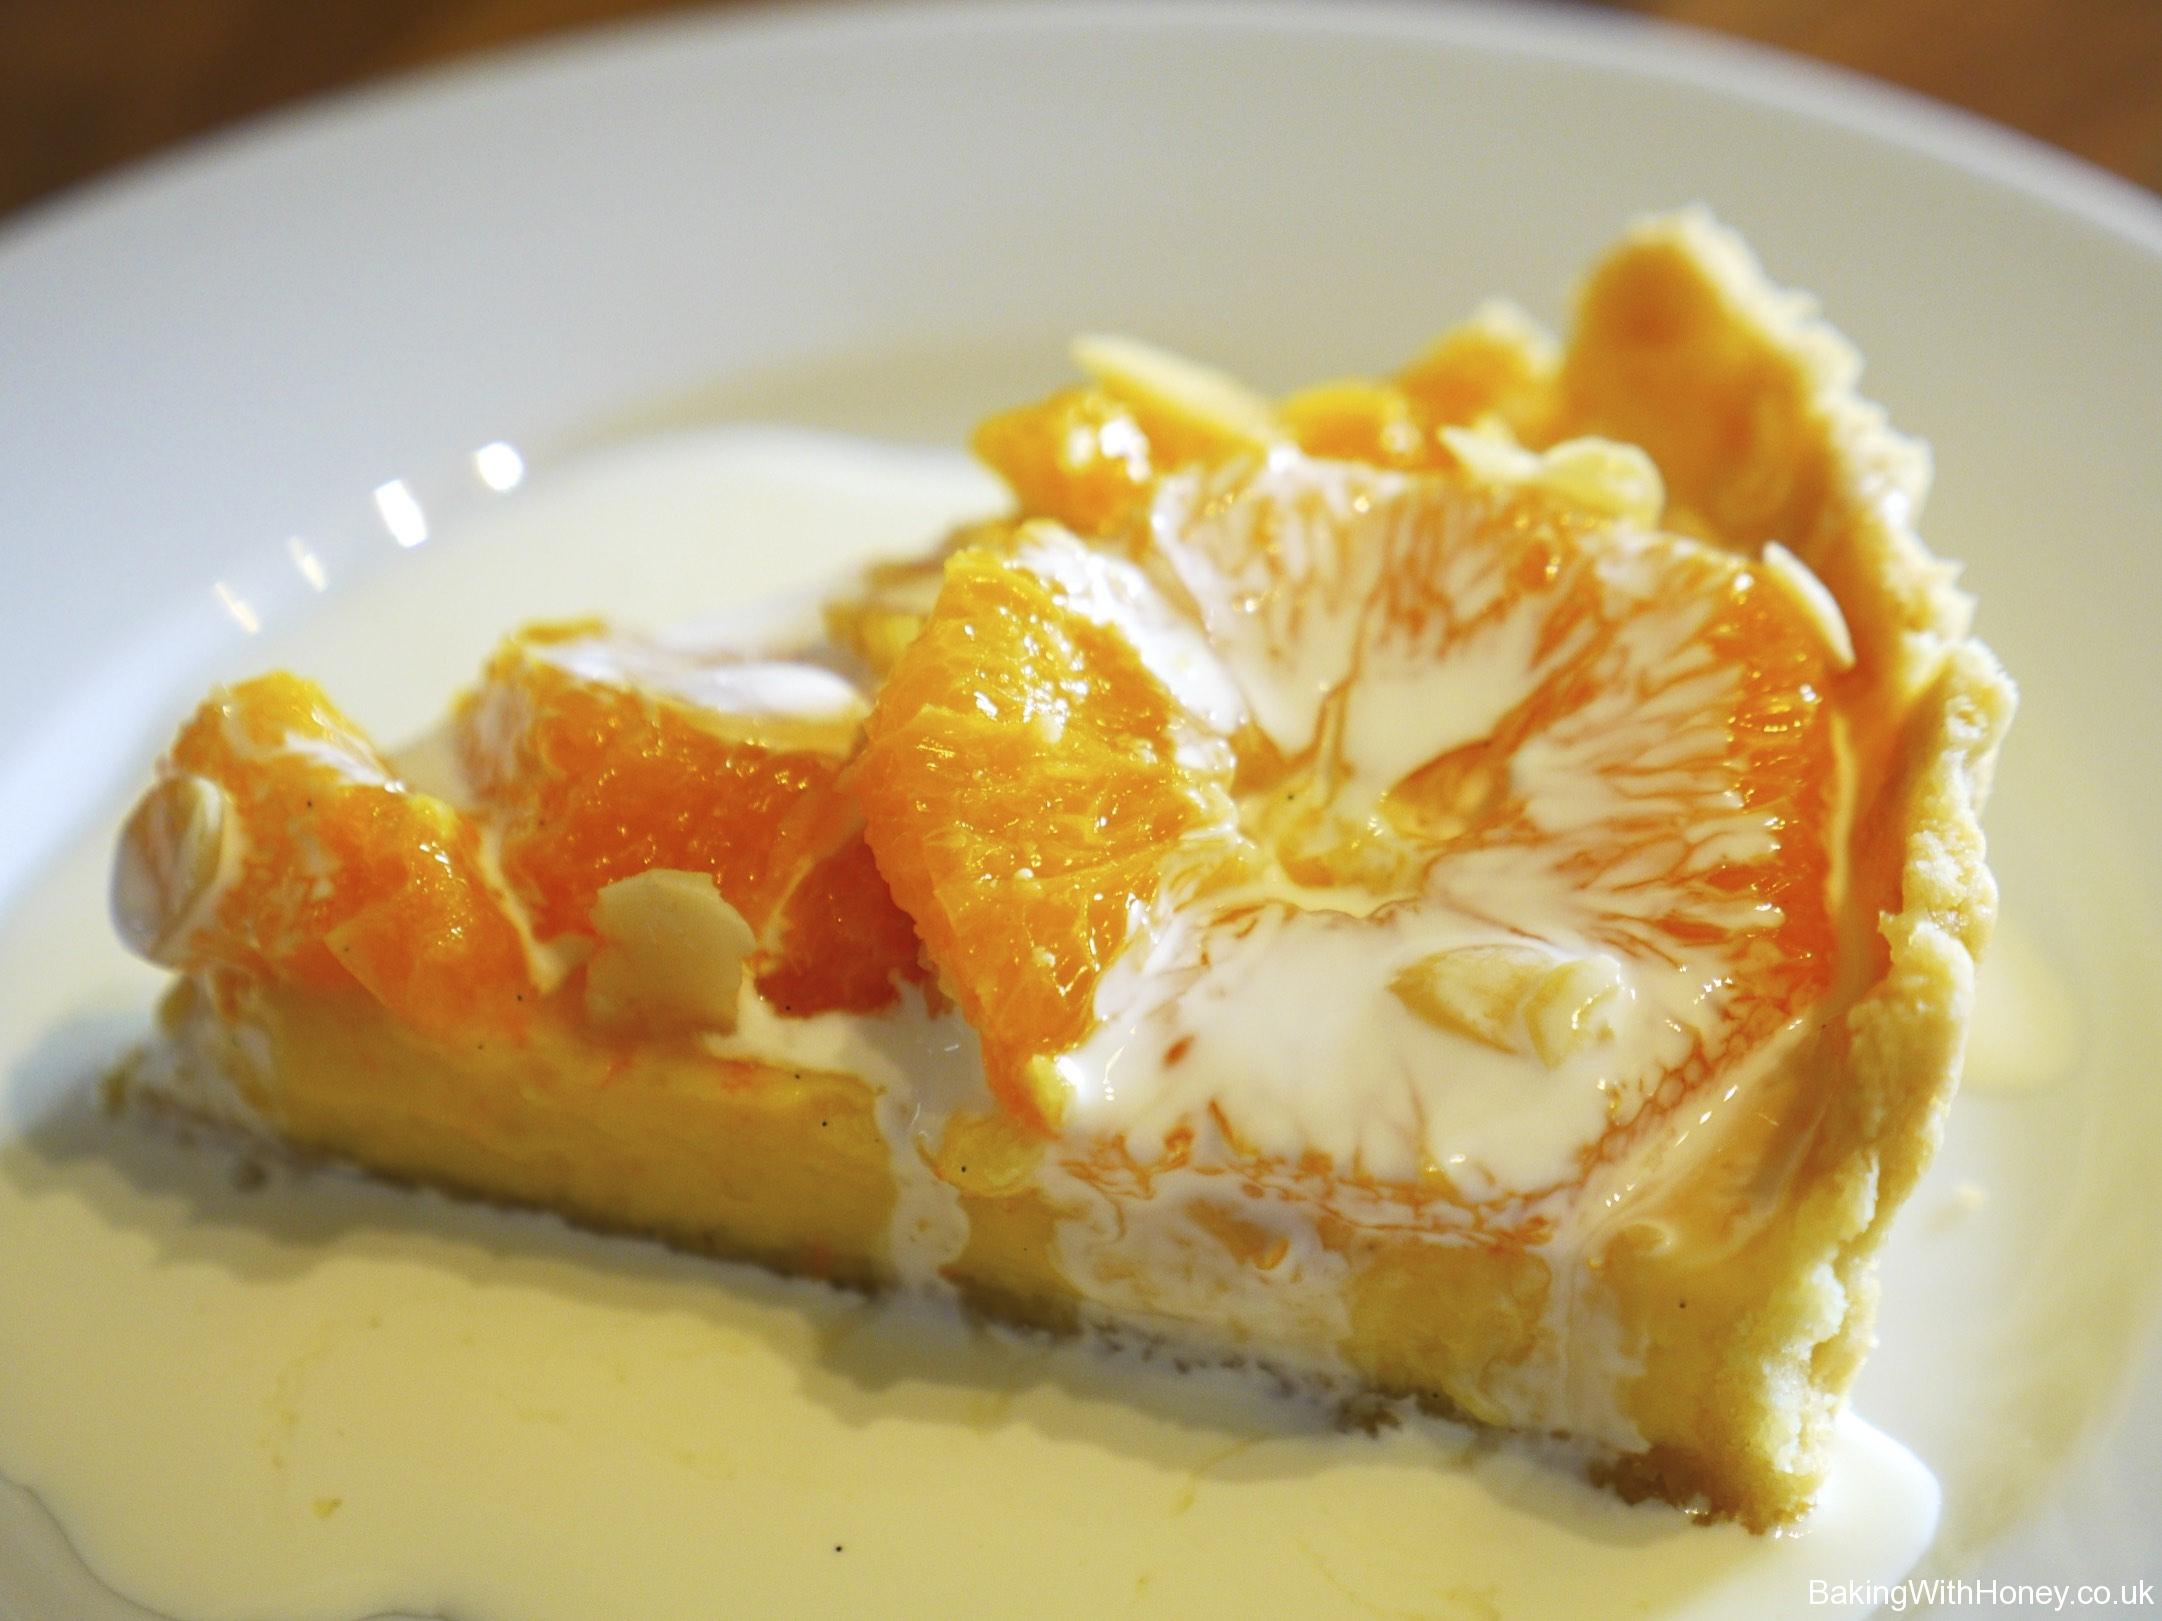 Caramelised Orange & Almond Tart